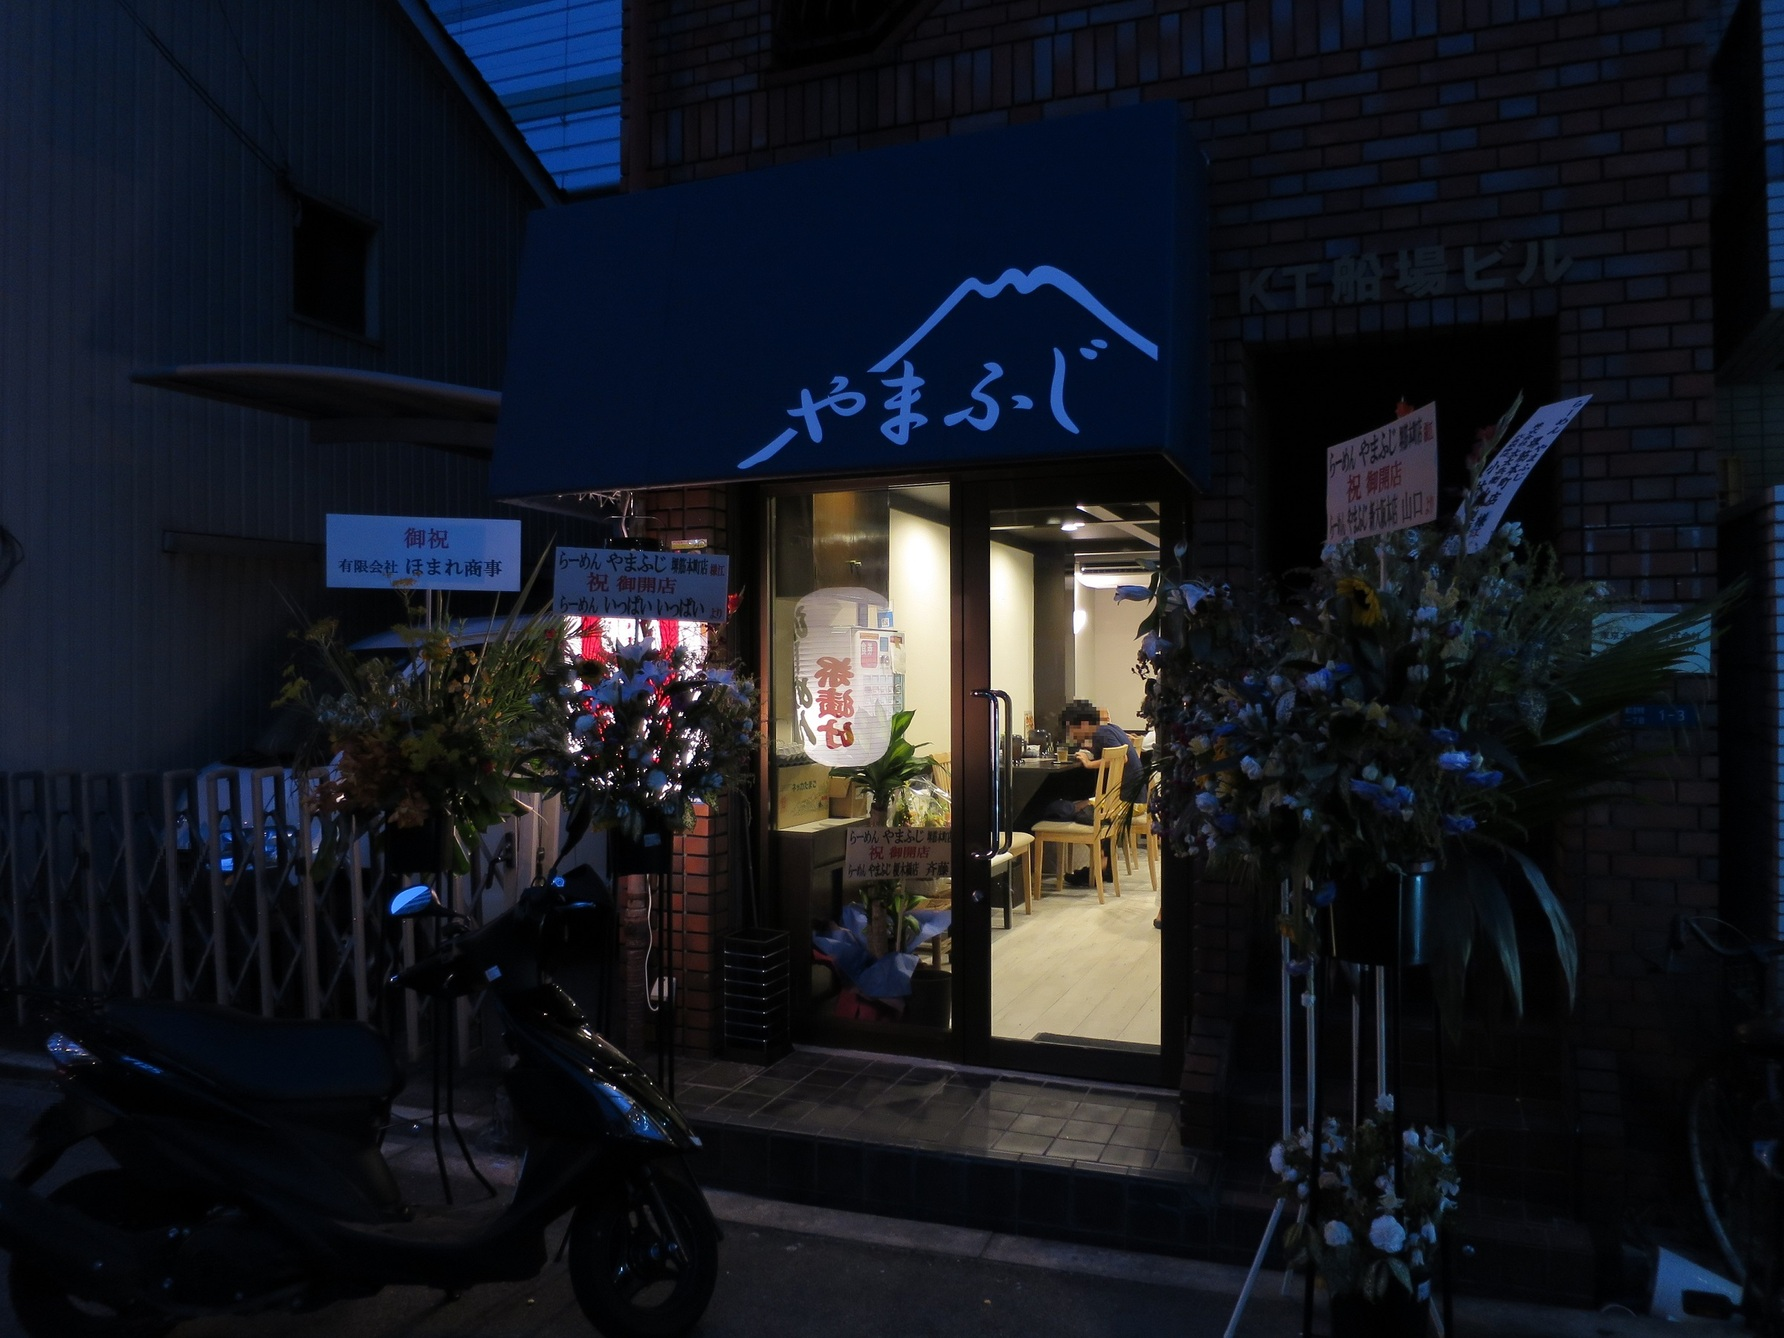 らーめん やまふじ 堺筋本町店